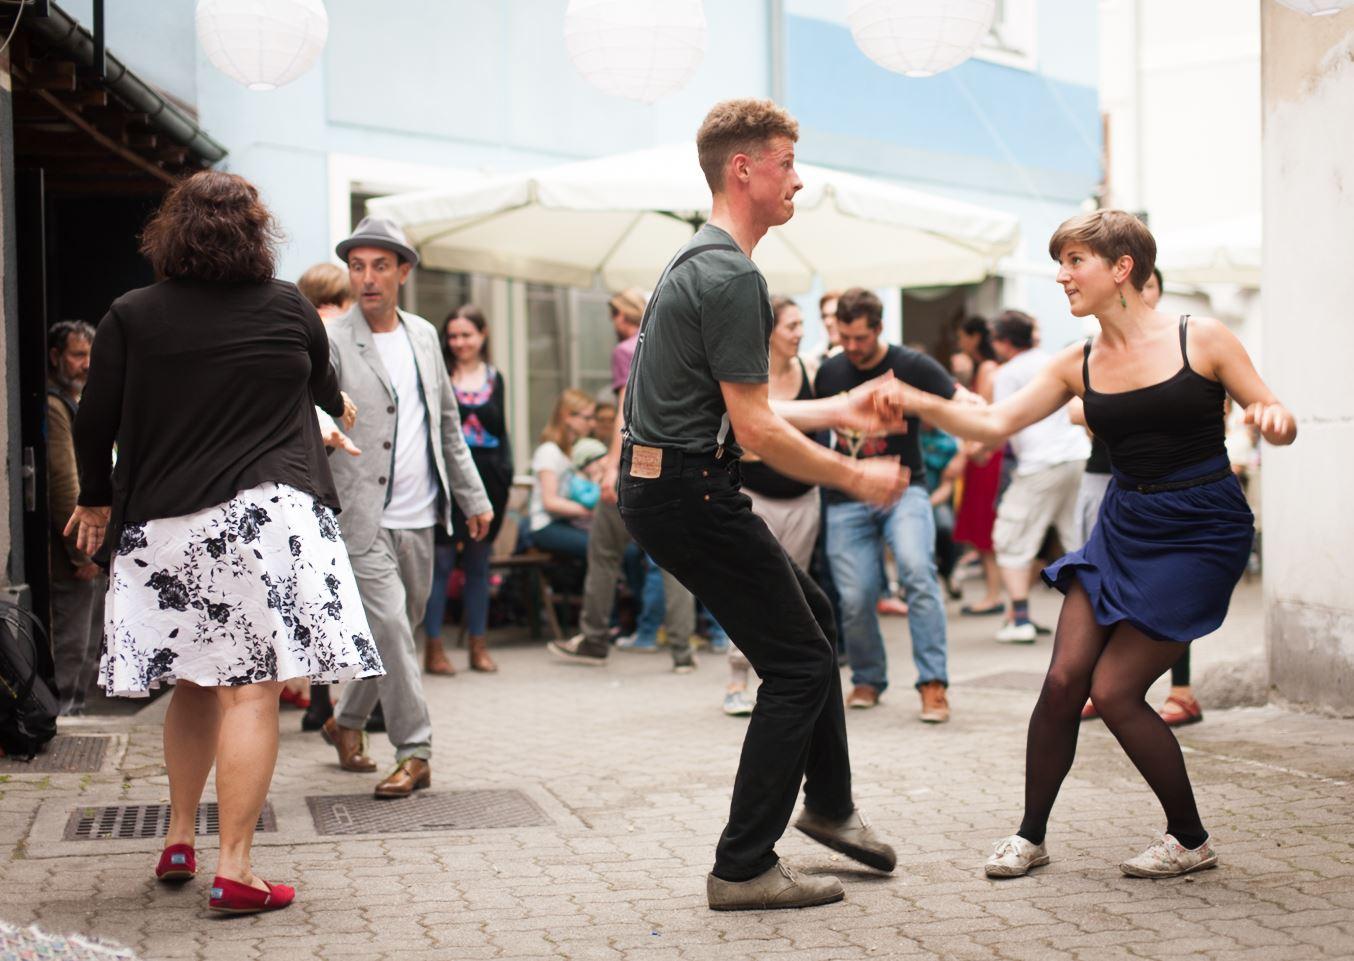 Tanzende Menschen auf der Straße © Darius Kromoser